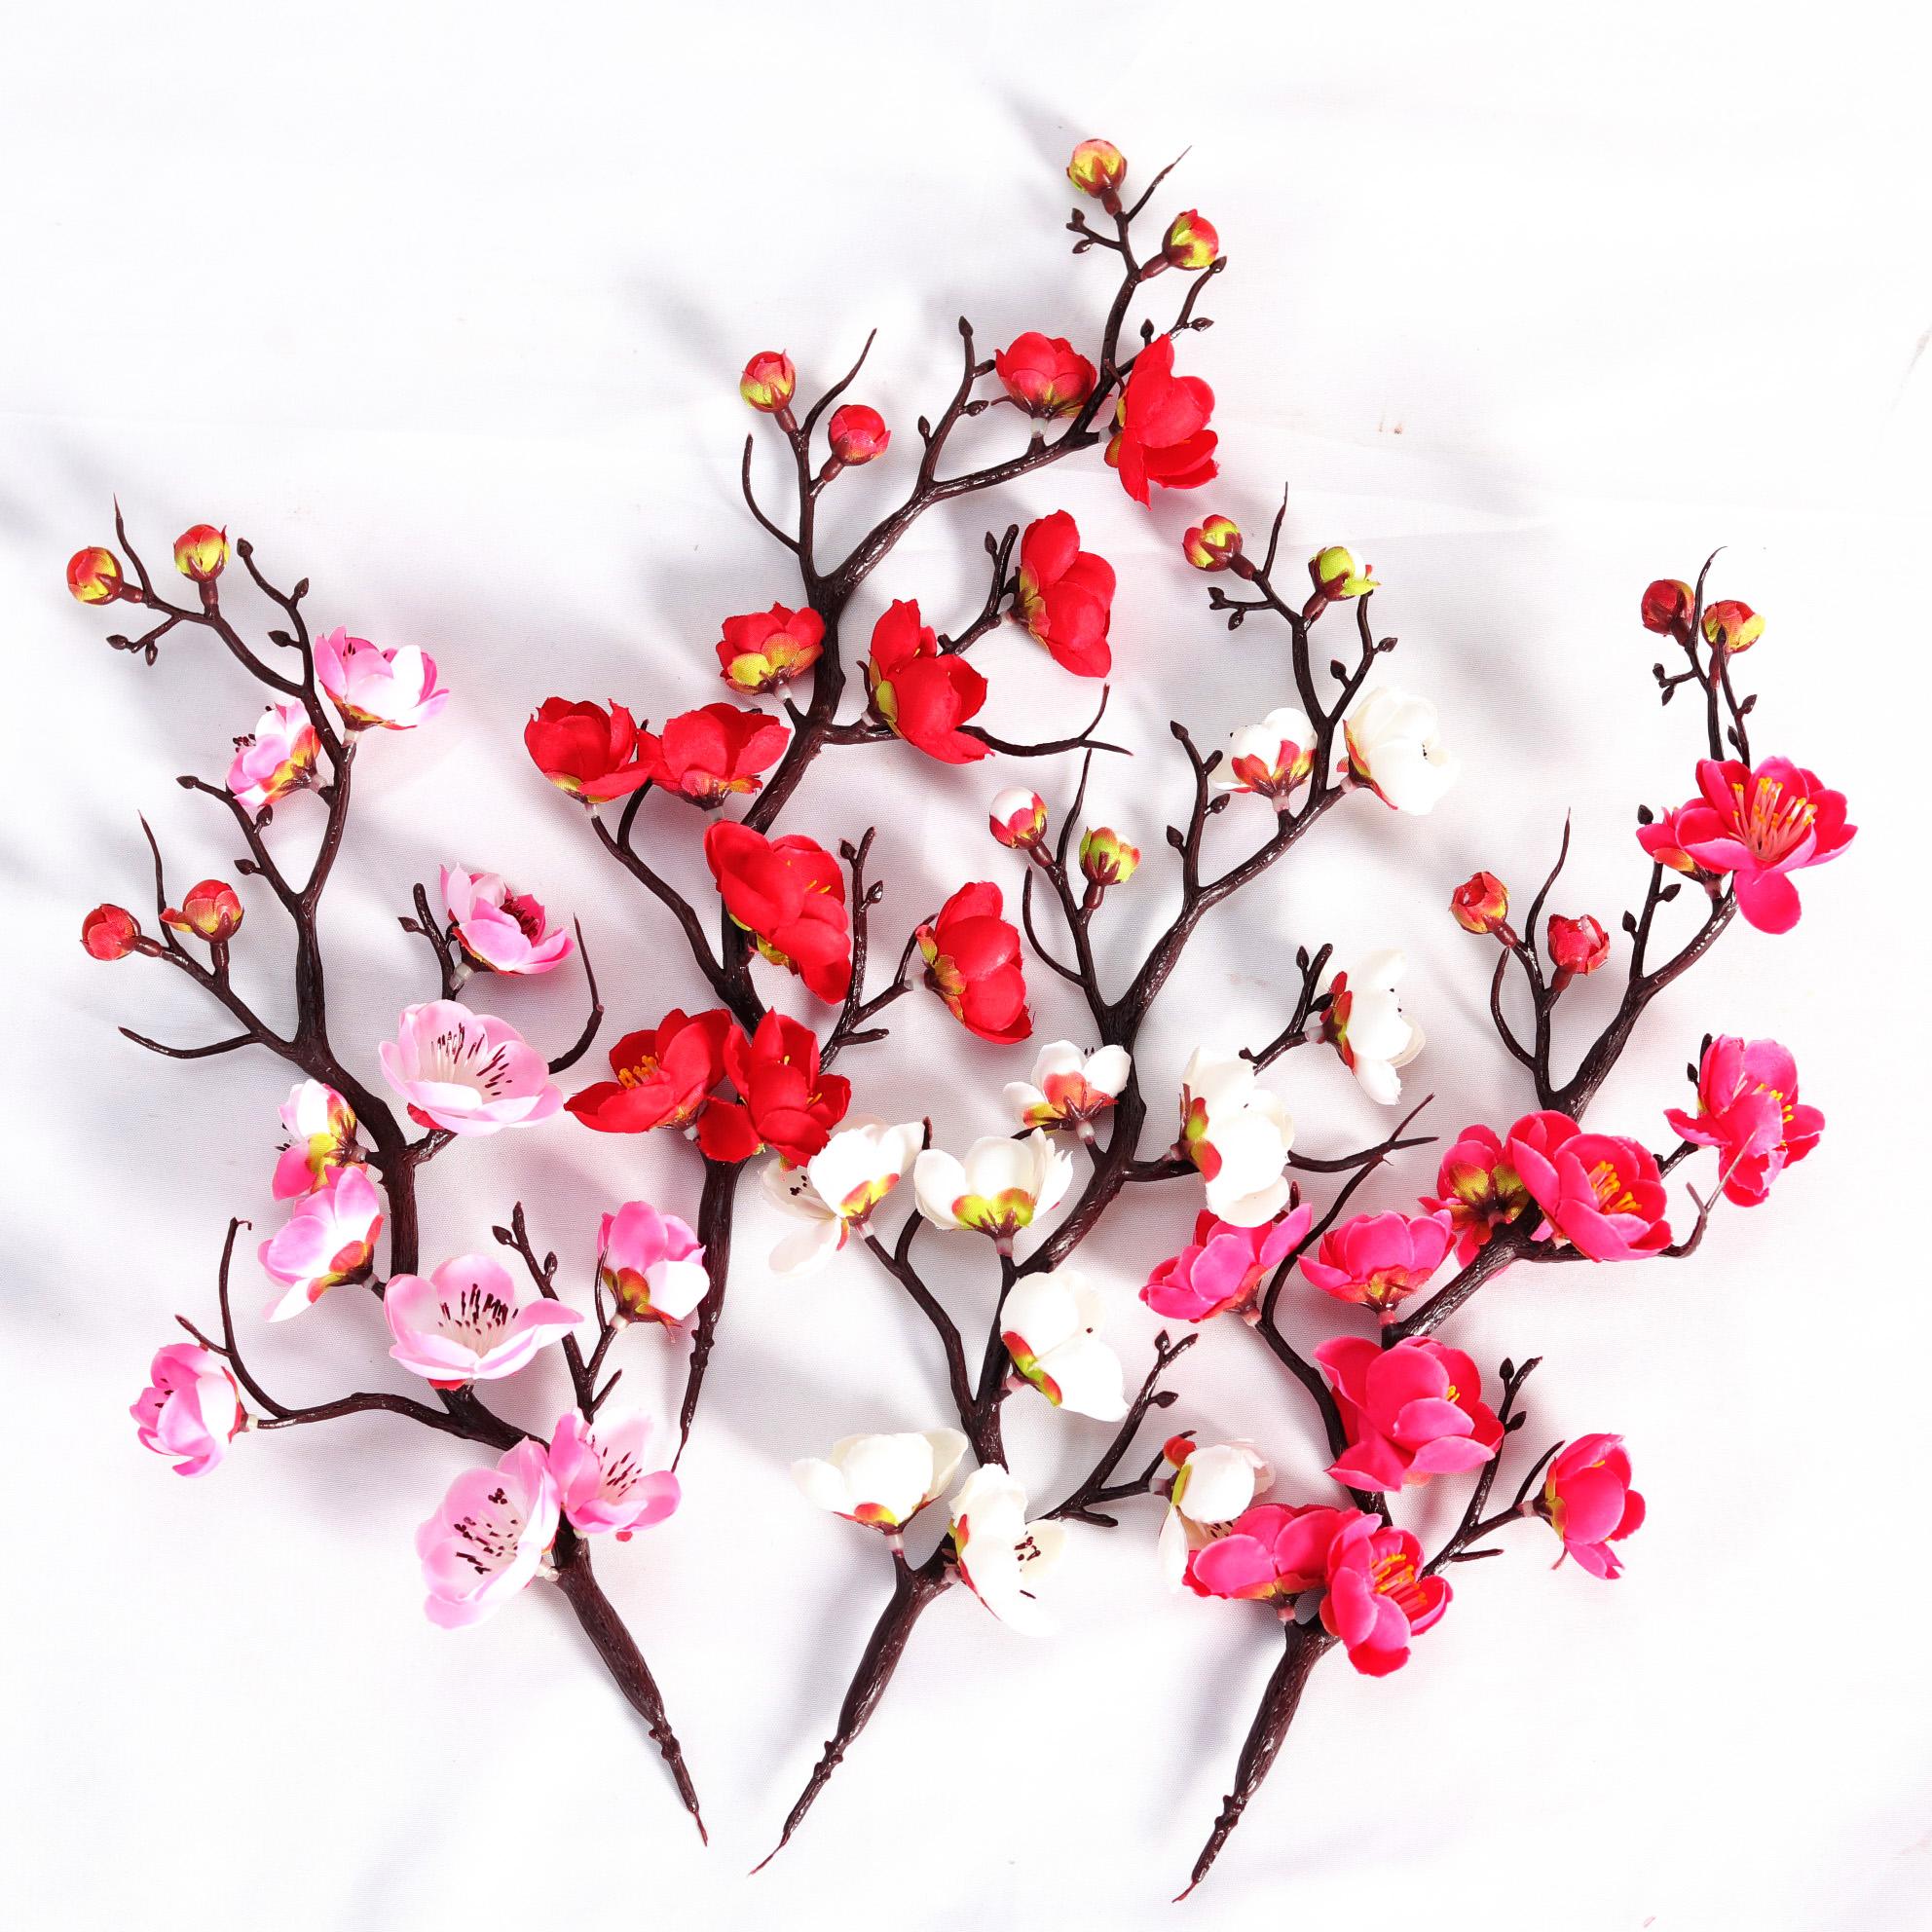 祝寿蛋糕烘焙装饰梅花枝干插件 创意寿星蛋糕情景装饰 仿真梅花条